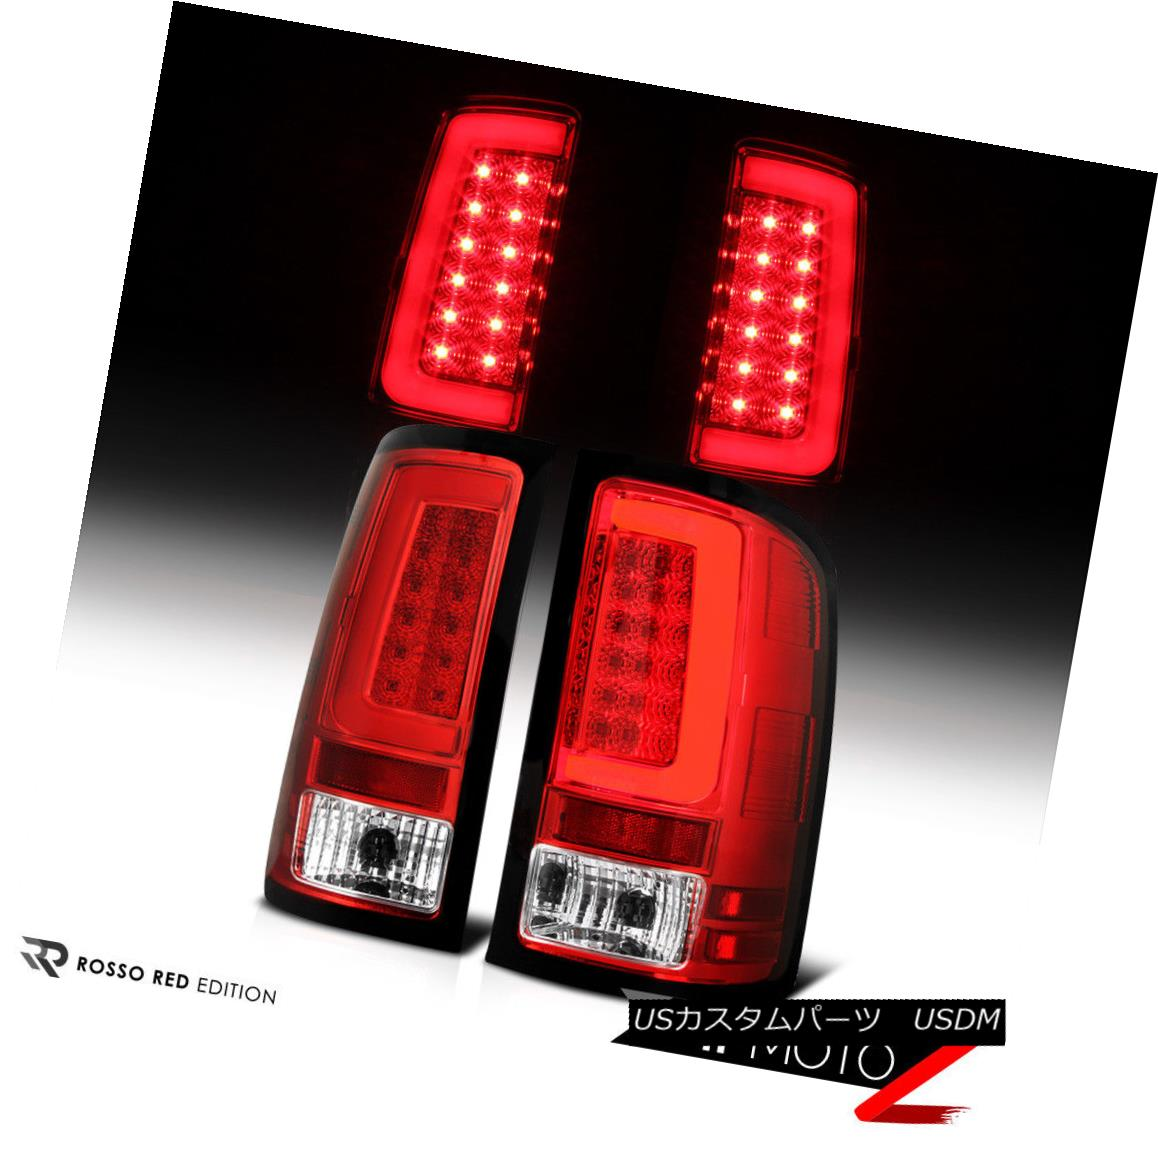 テールライト 07-13 GMC Sierra Chrome Housing Red Lens LED Bar Brake Signal Lamp Tail Light 07-13 GMC Sierra Chromeハウジング赤色レンズLEDバーブレーキ信号ランプテールライト